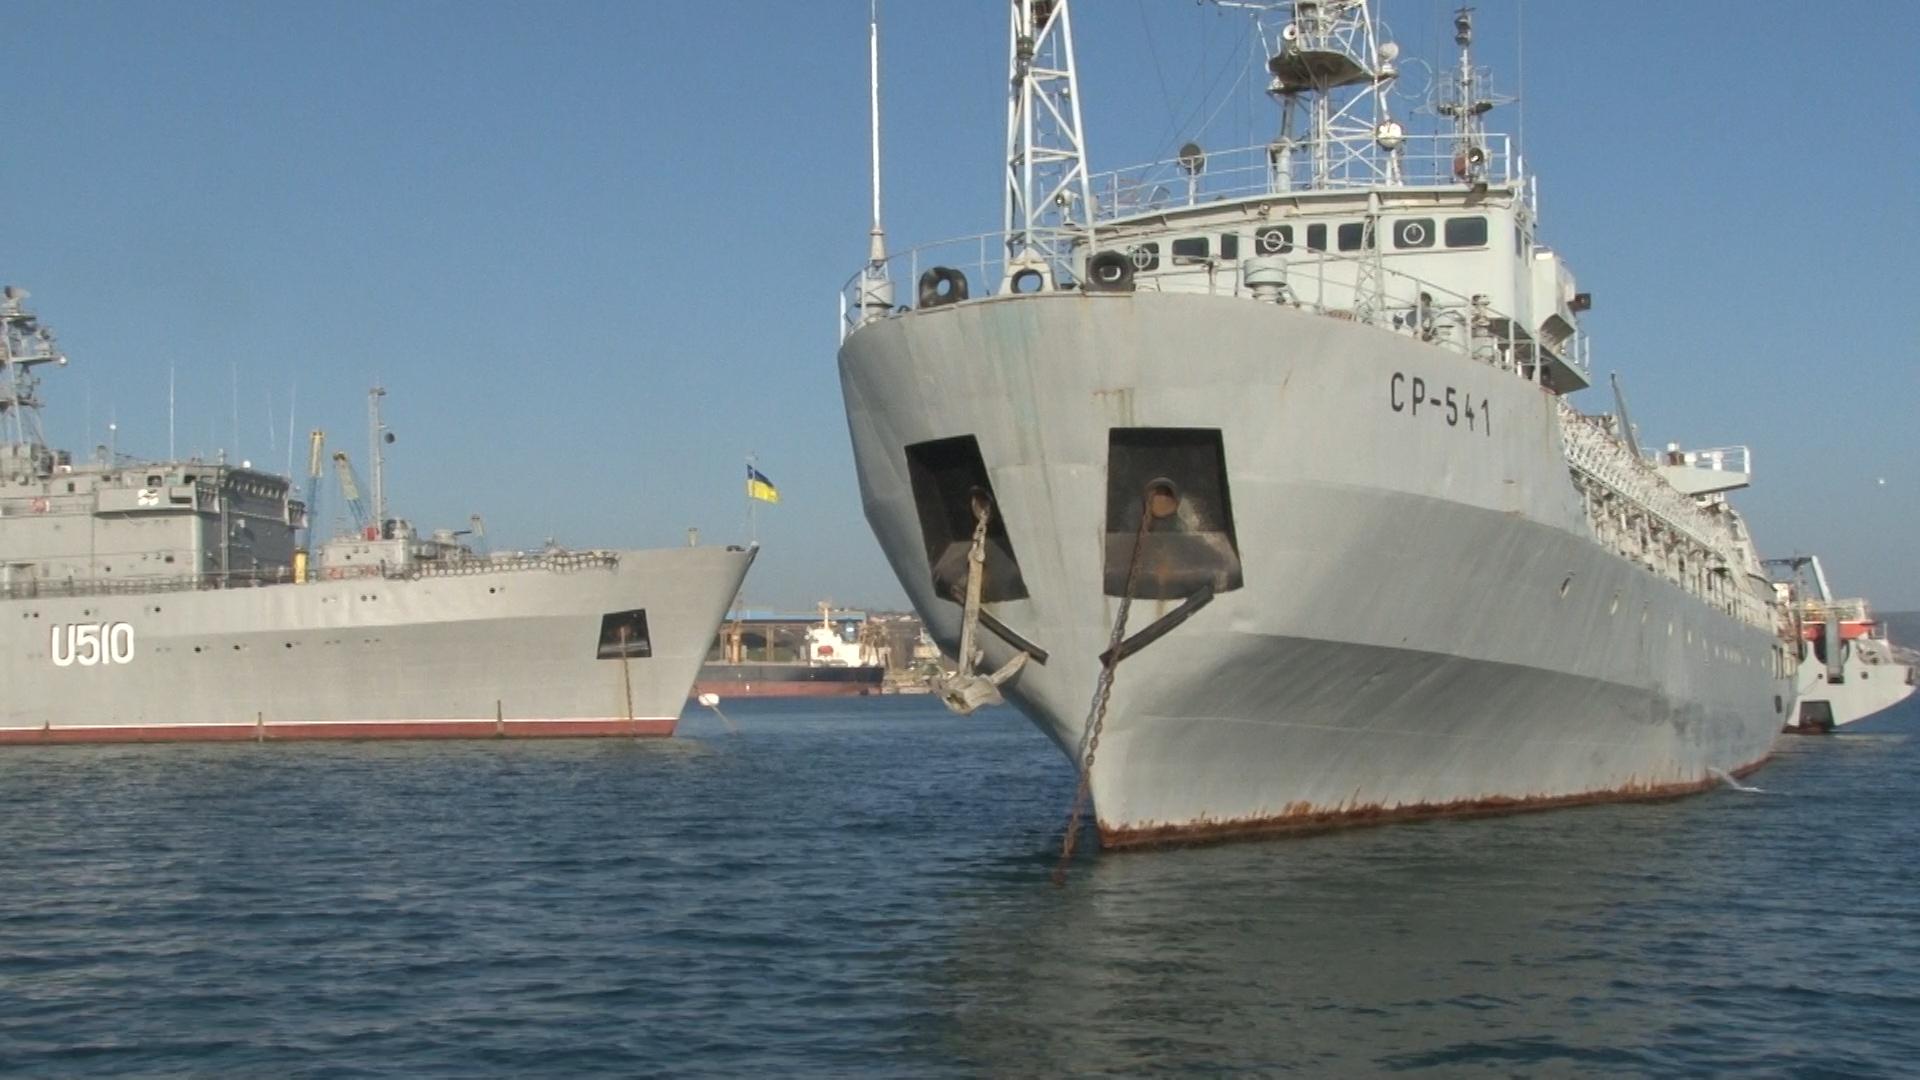 Крым: В севастопольской бухте остался один корабль под украинским флагом